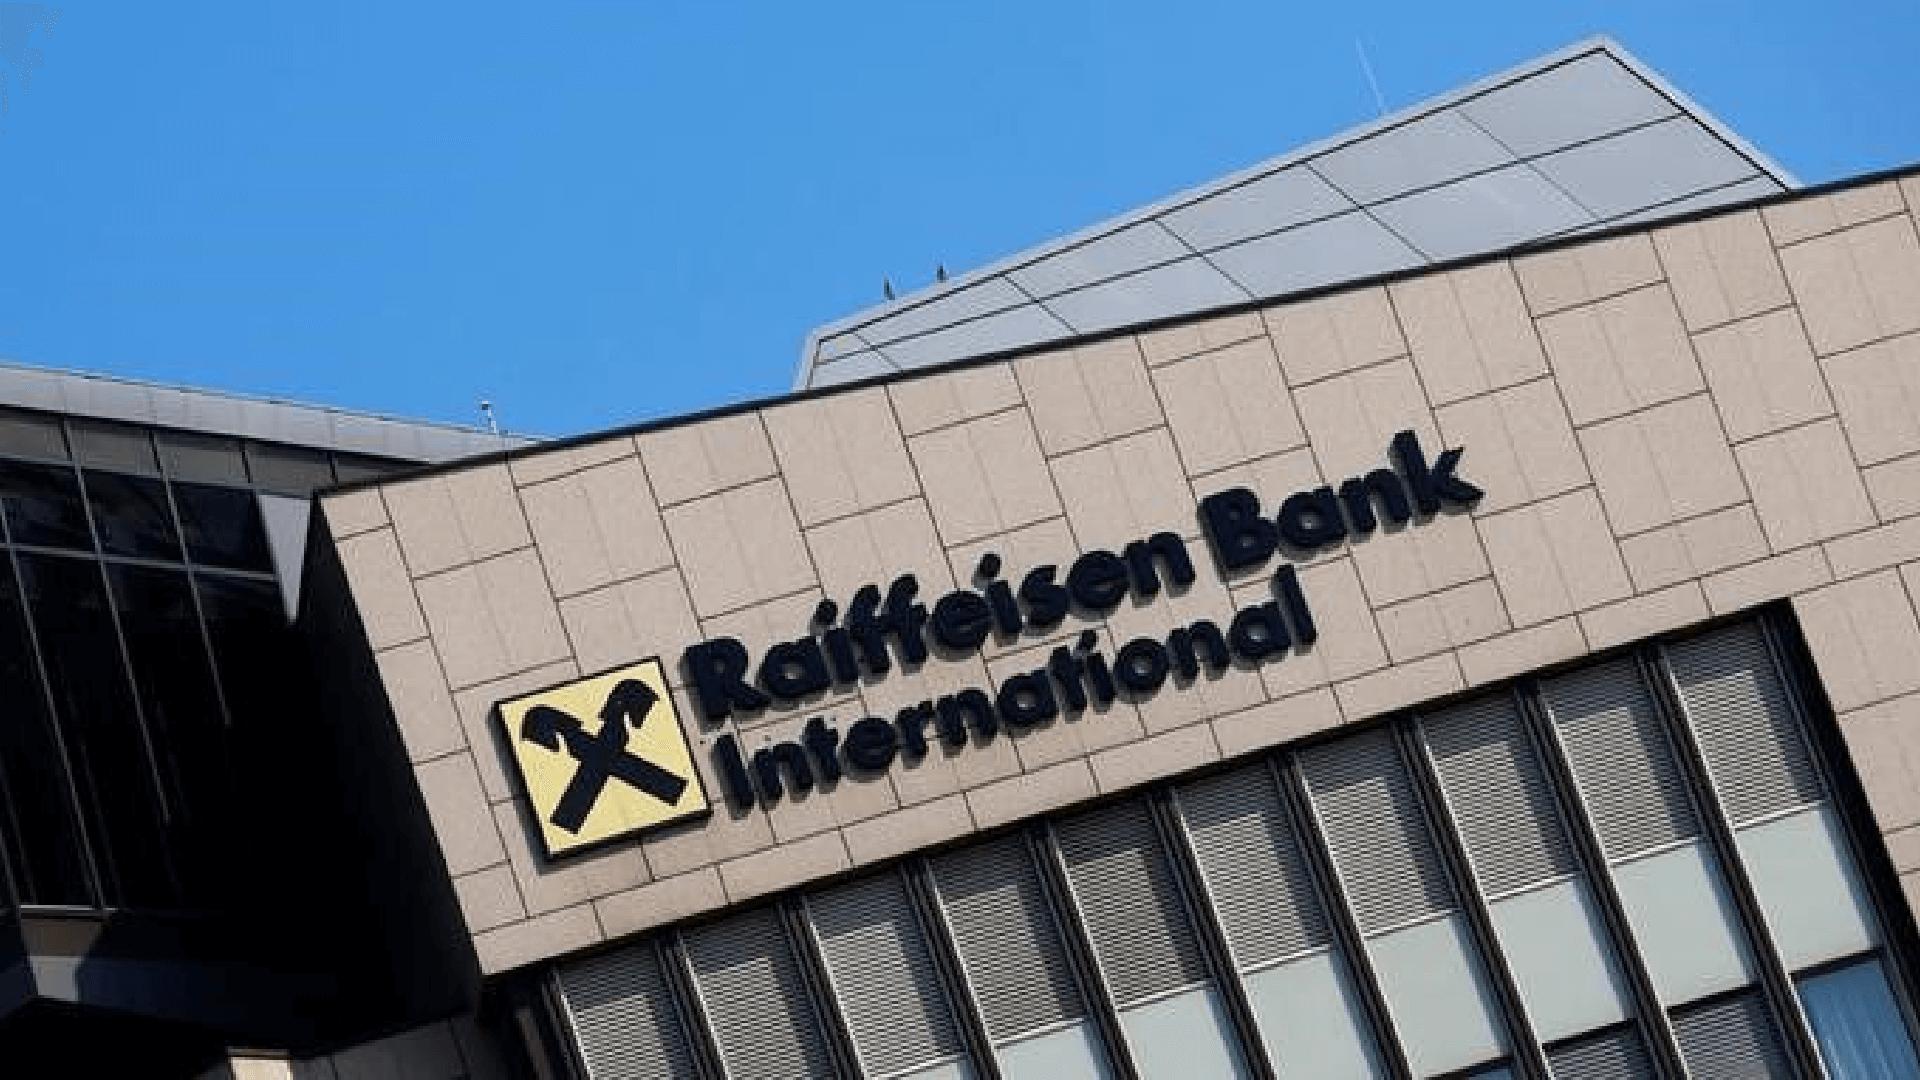 Banco internacional Raiffeisen desarrolla con éxito prueba piloto de una plataforma basada en contabilidad distribuida para transferir monedas digitales